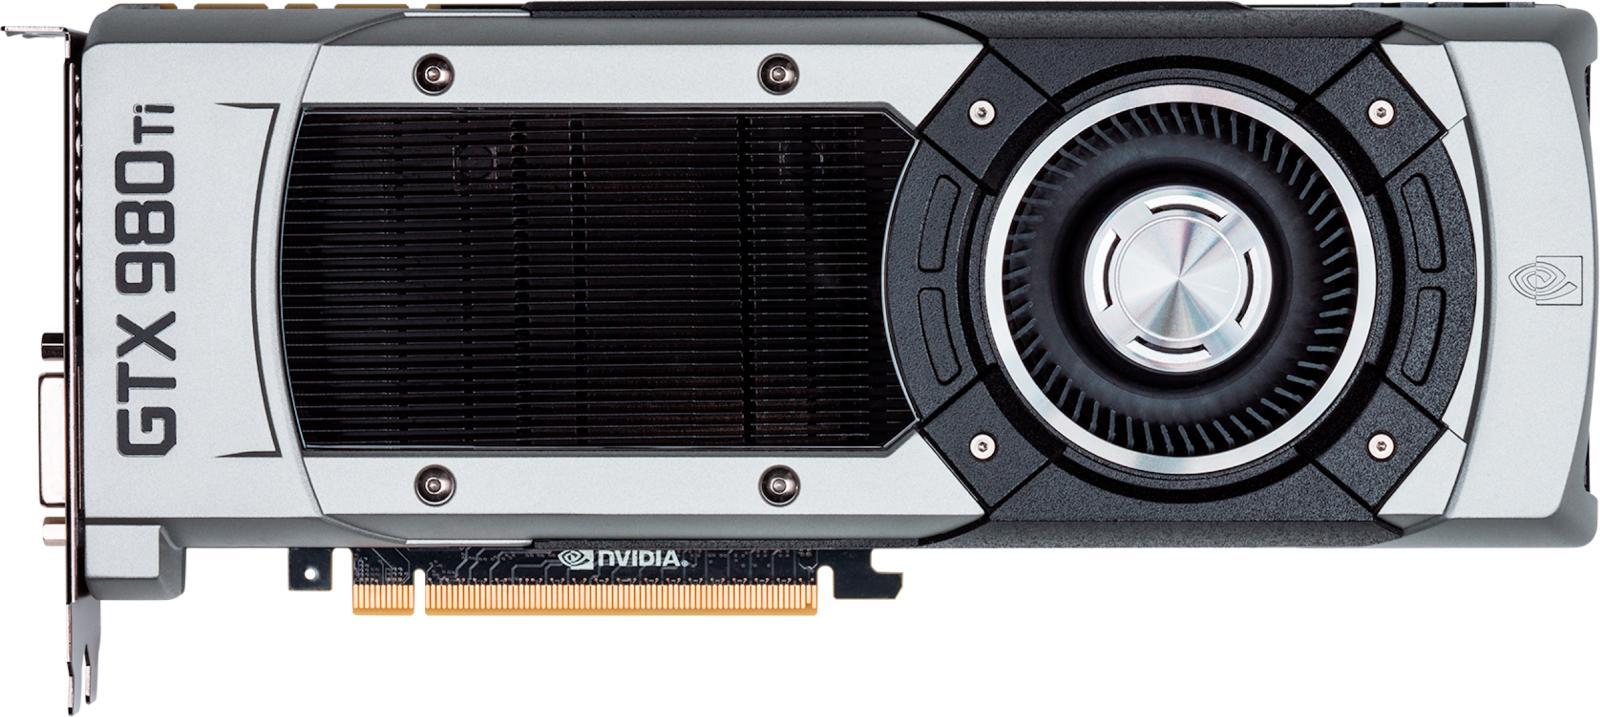 EVGA GeForce GTX 980 Ti Superclocked Gaming